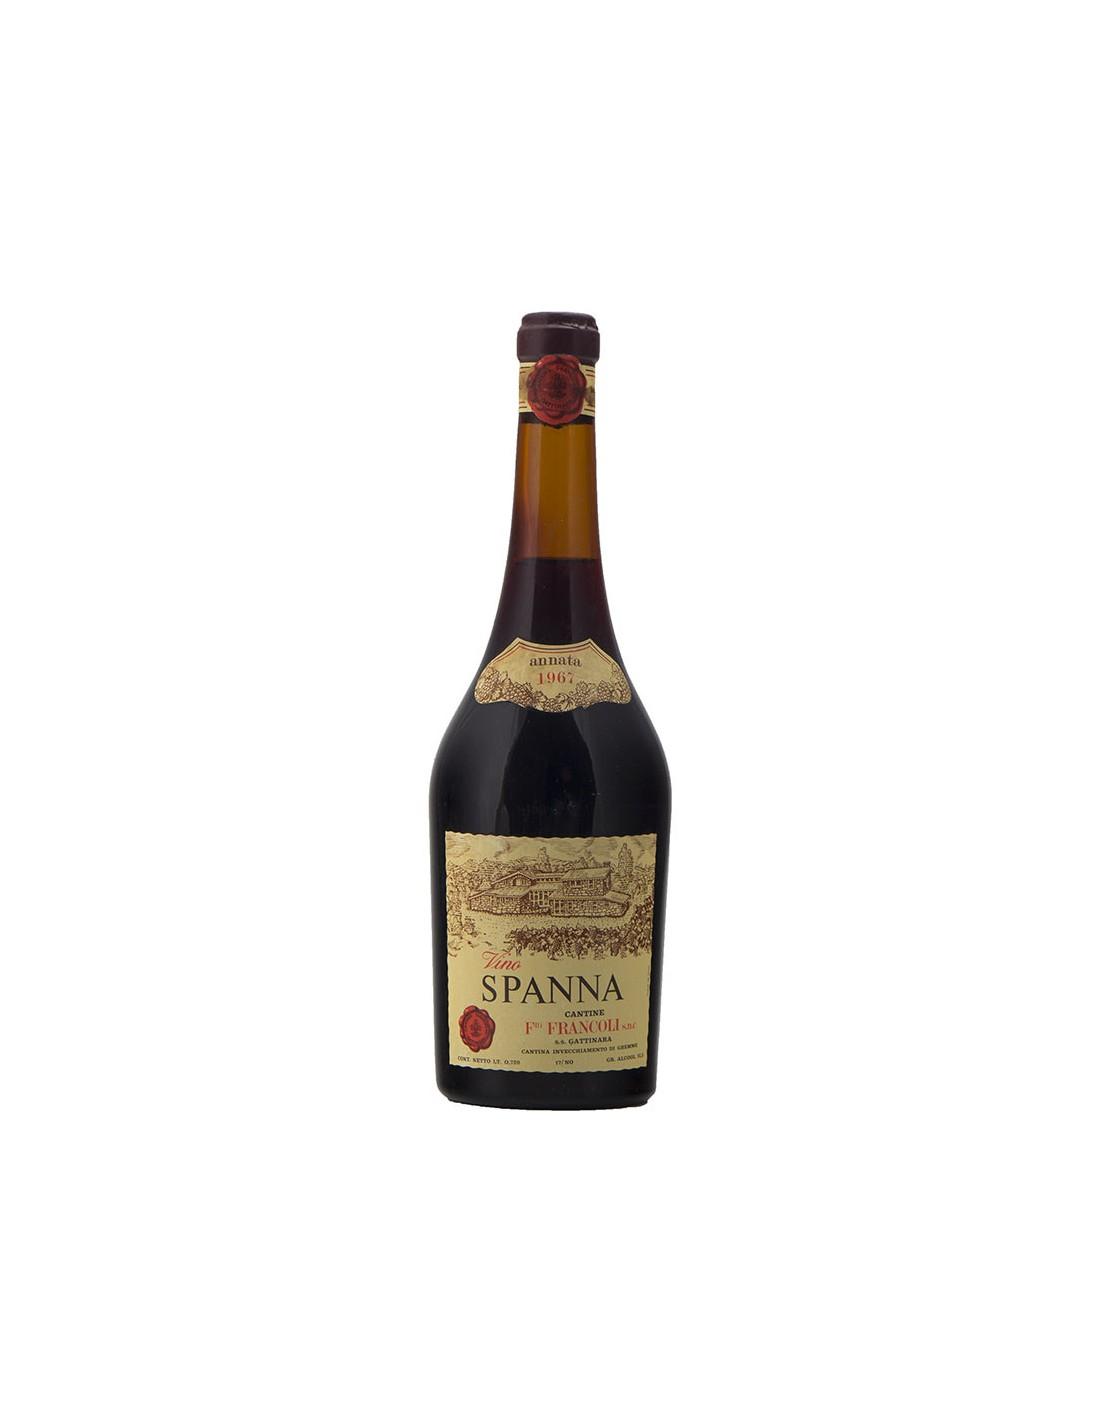 SPANNA 1967 FRANCOLI Grandi Bottiglie